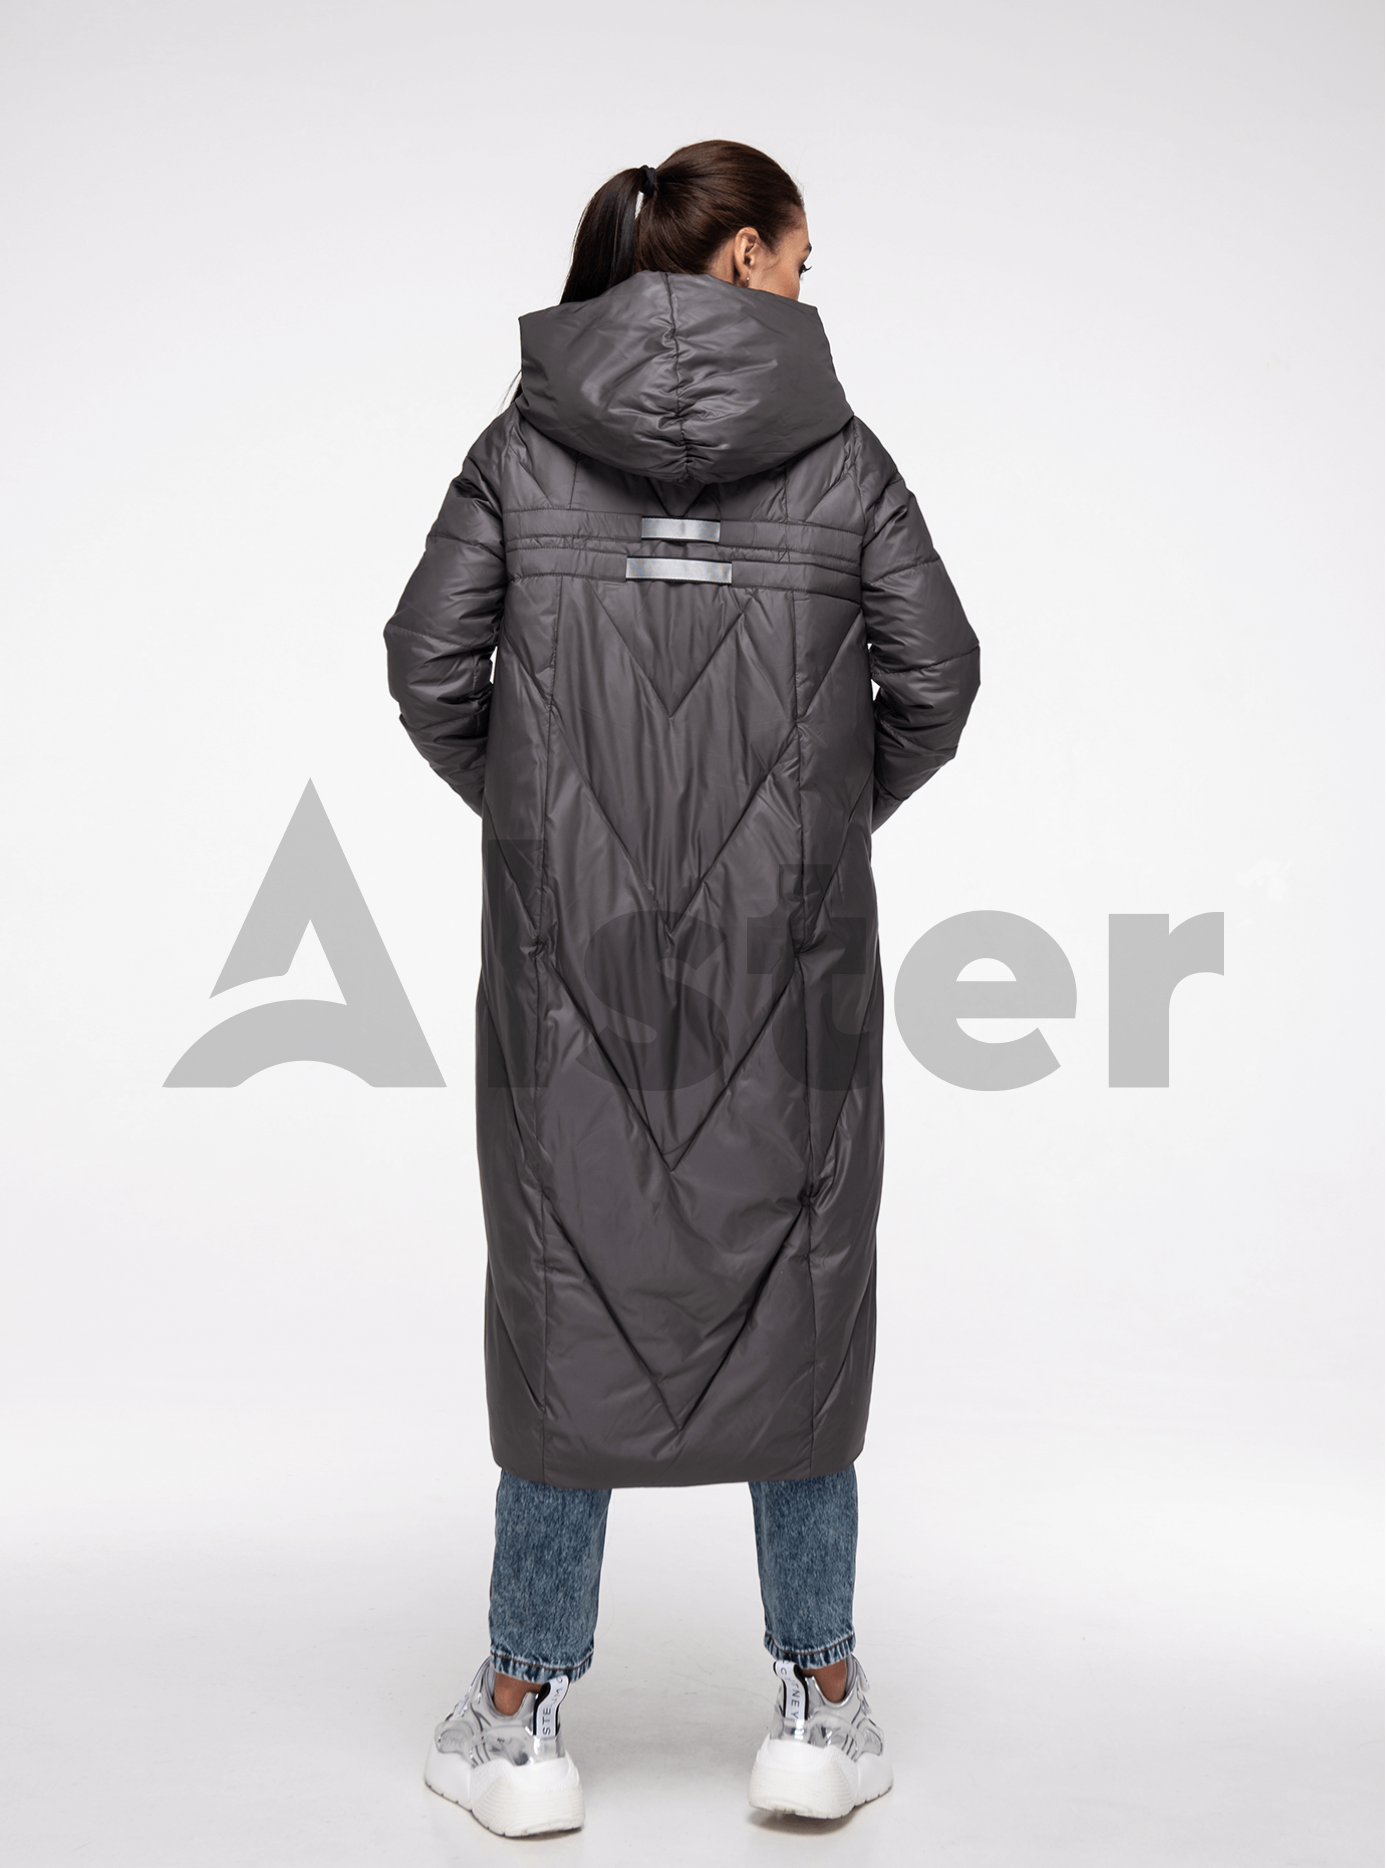 Куртка зимняя длинная прямого фасона Графитовый XL (05-V191179): фото - Alster.ua